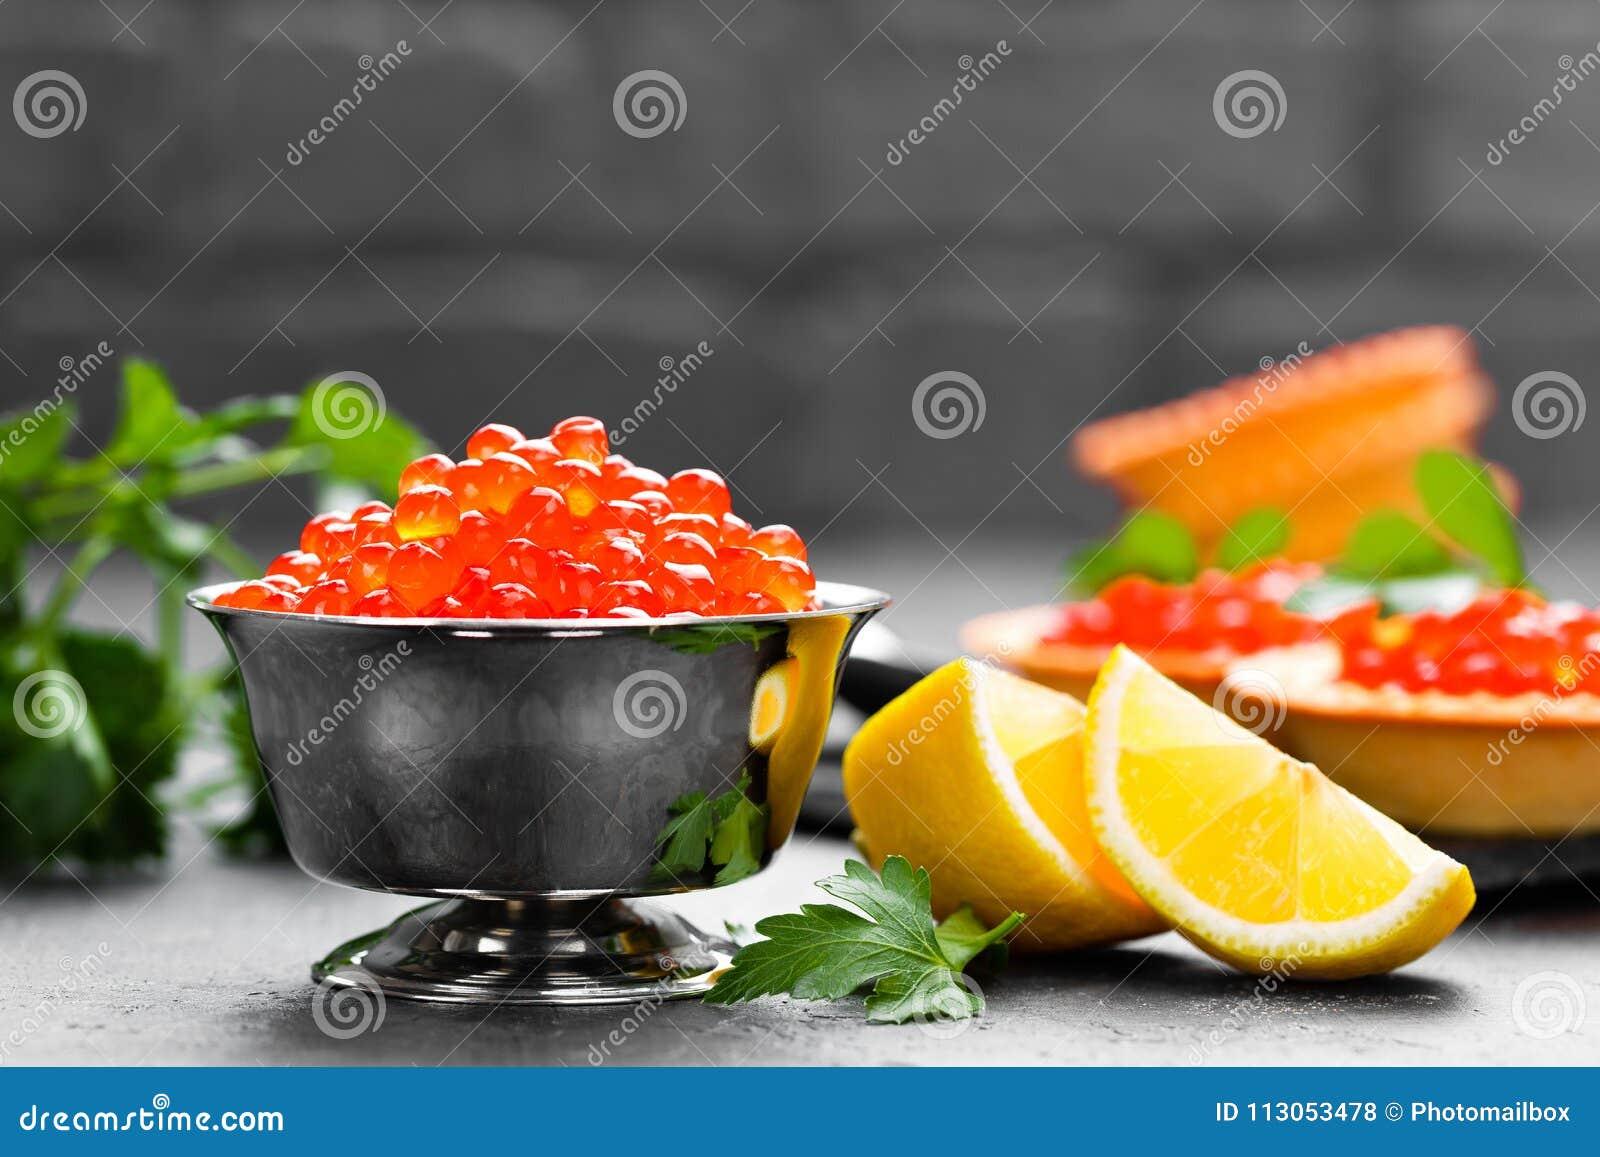 Red Salmon Fish Caviar Salmon Caviar In Metal Bowl Caviar Stock